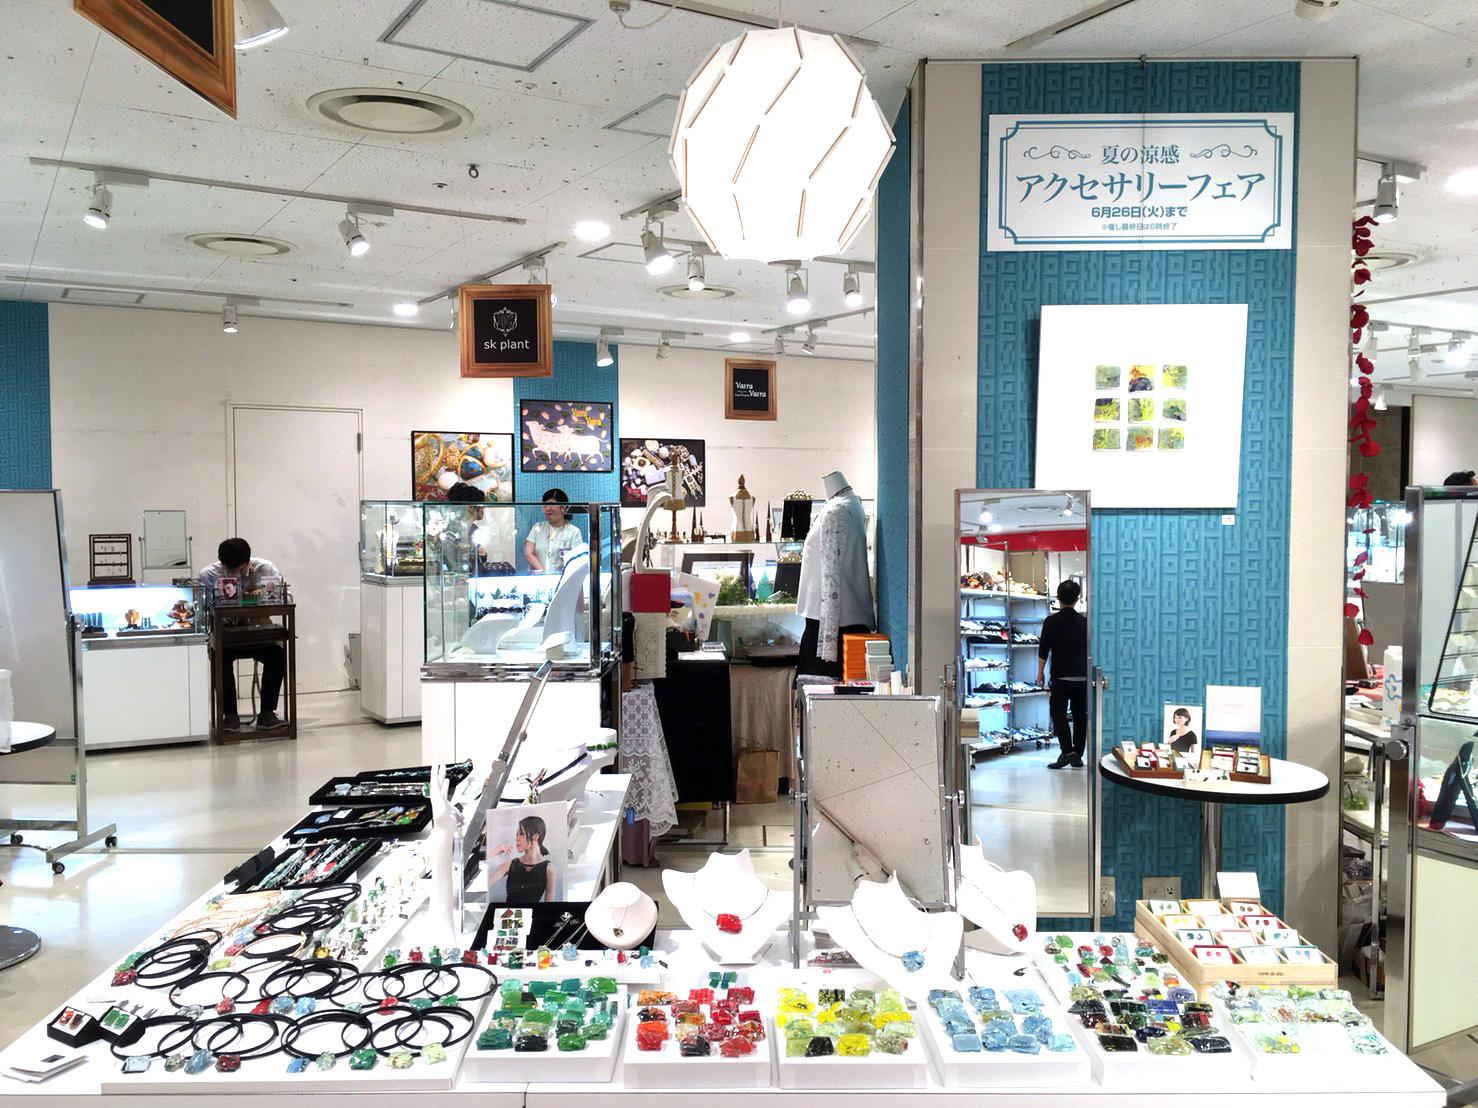 阪急うめだ本店「夏のアクセサリーフェアー」の展示会は明日6/26(火)までです